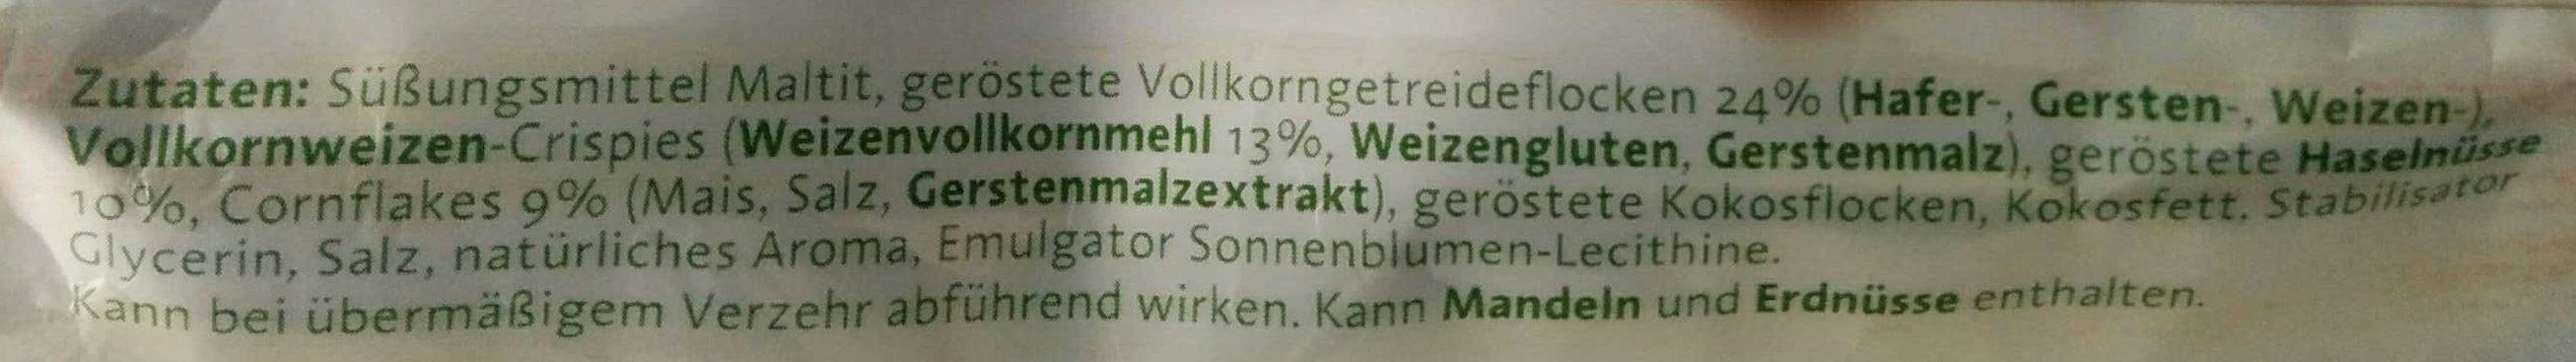 Haselnuss - Ingredients - de